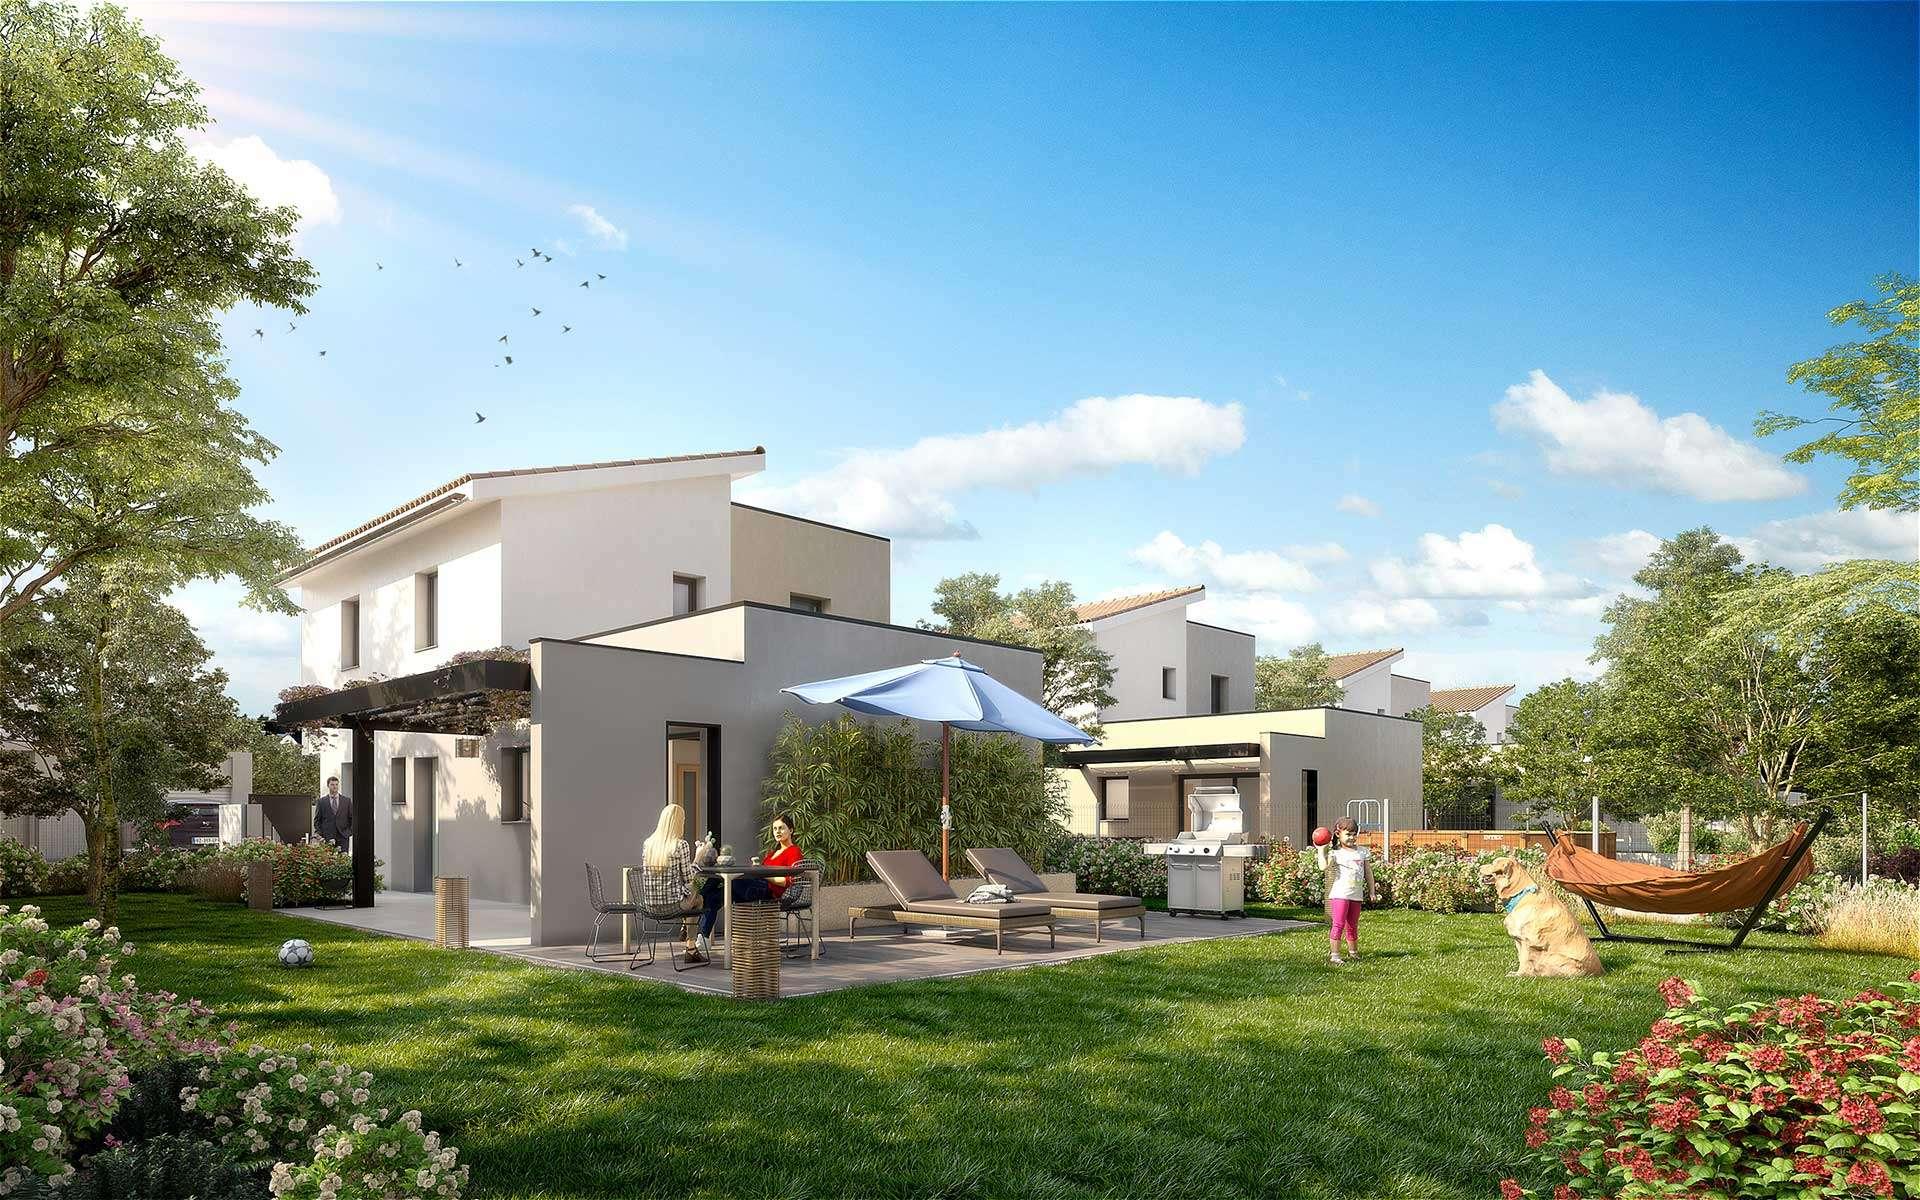 Programme Immobilier Habitat Dauphinois Les Jolis Lauriers